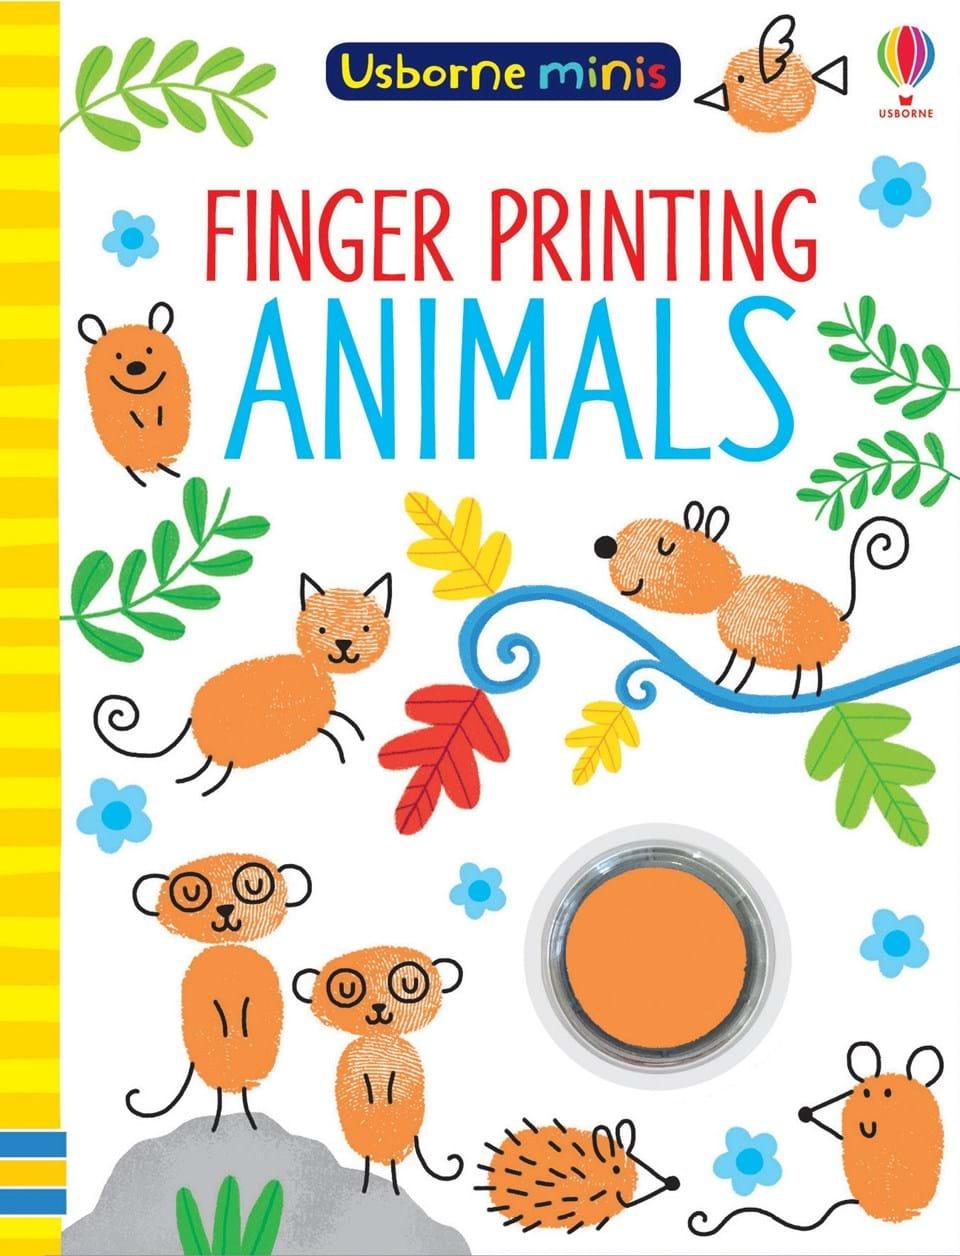 Usborne-minis-finger-printing-animals